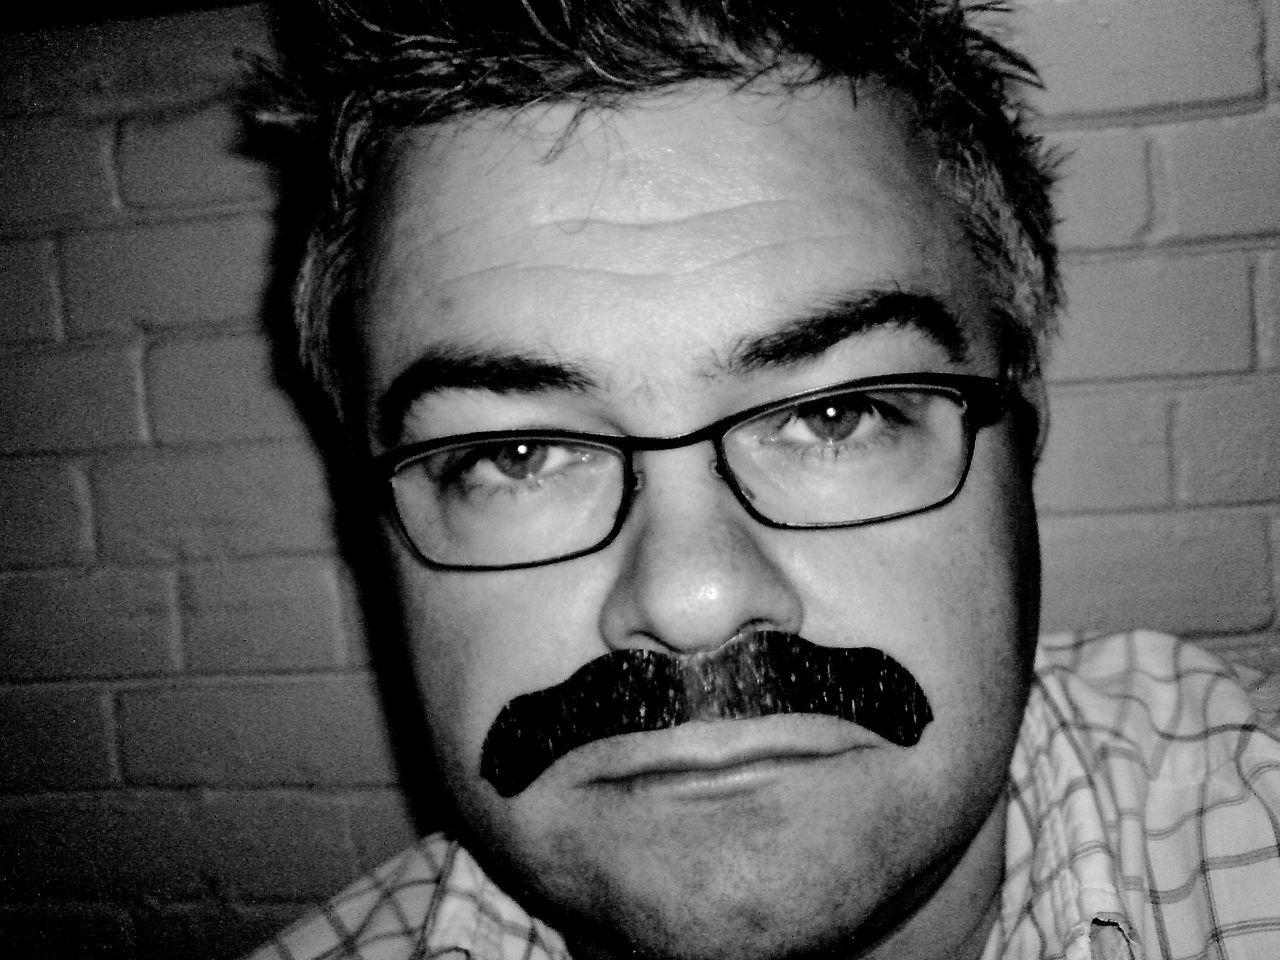 Fake Moustache Party Self Portrait Experiments